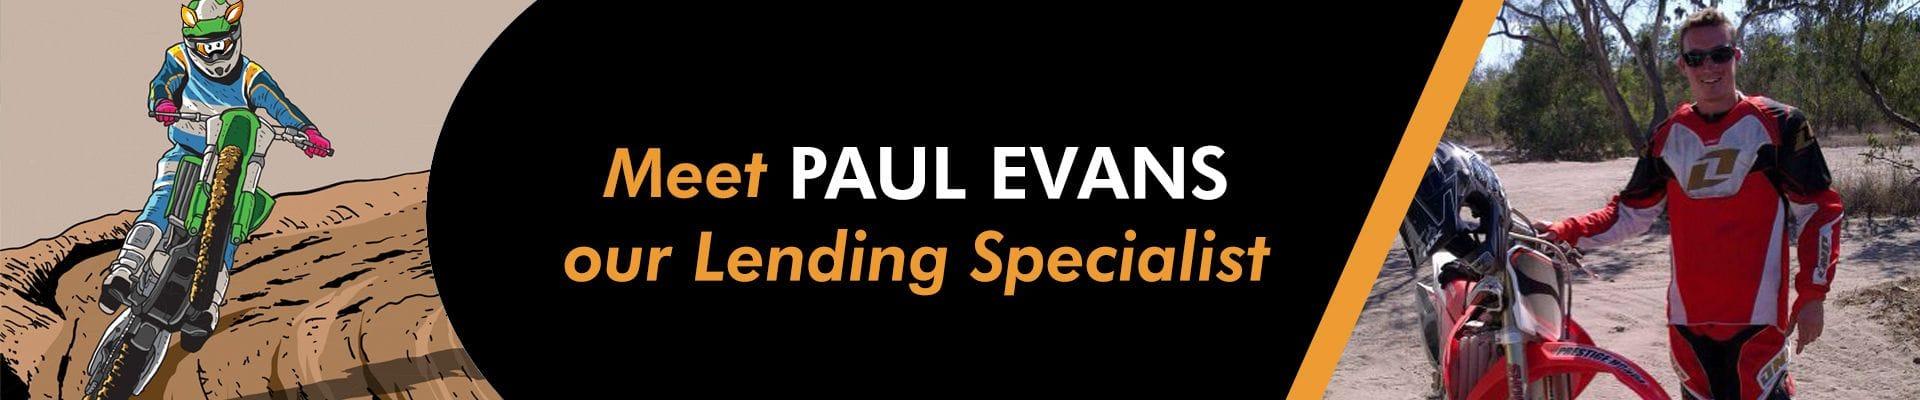 Meet Paul Evans